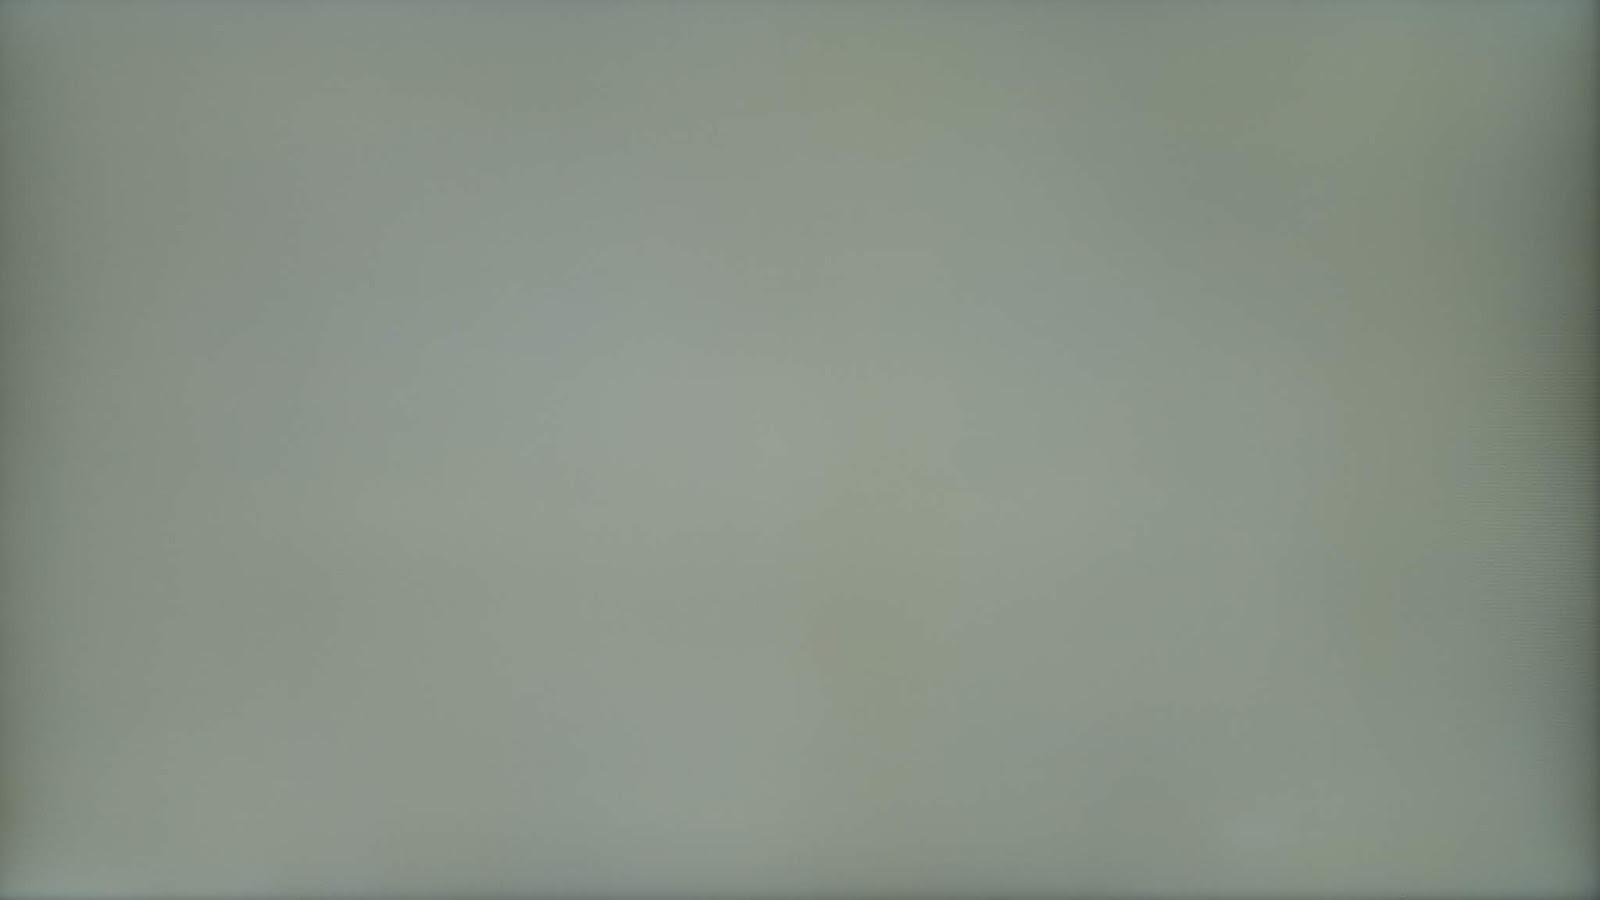 Uniformidad de colores grises del televisor Samsung Q70T